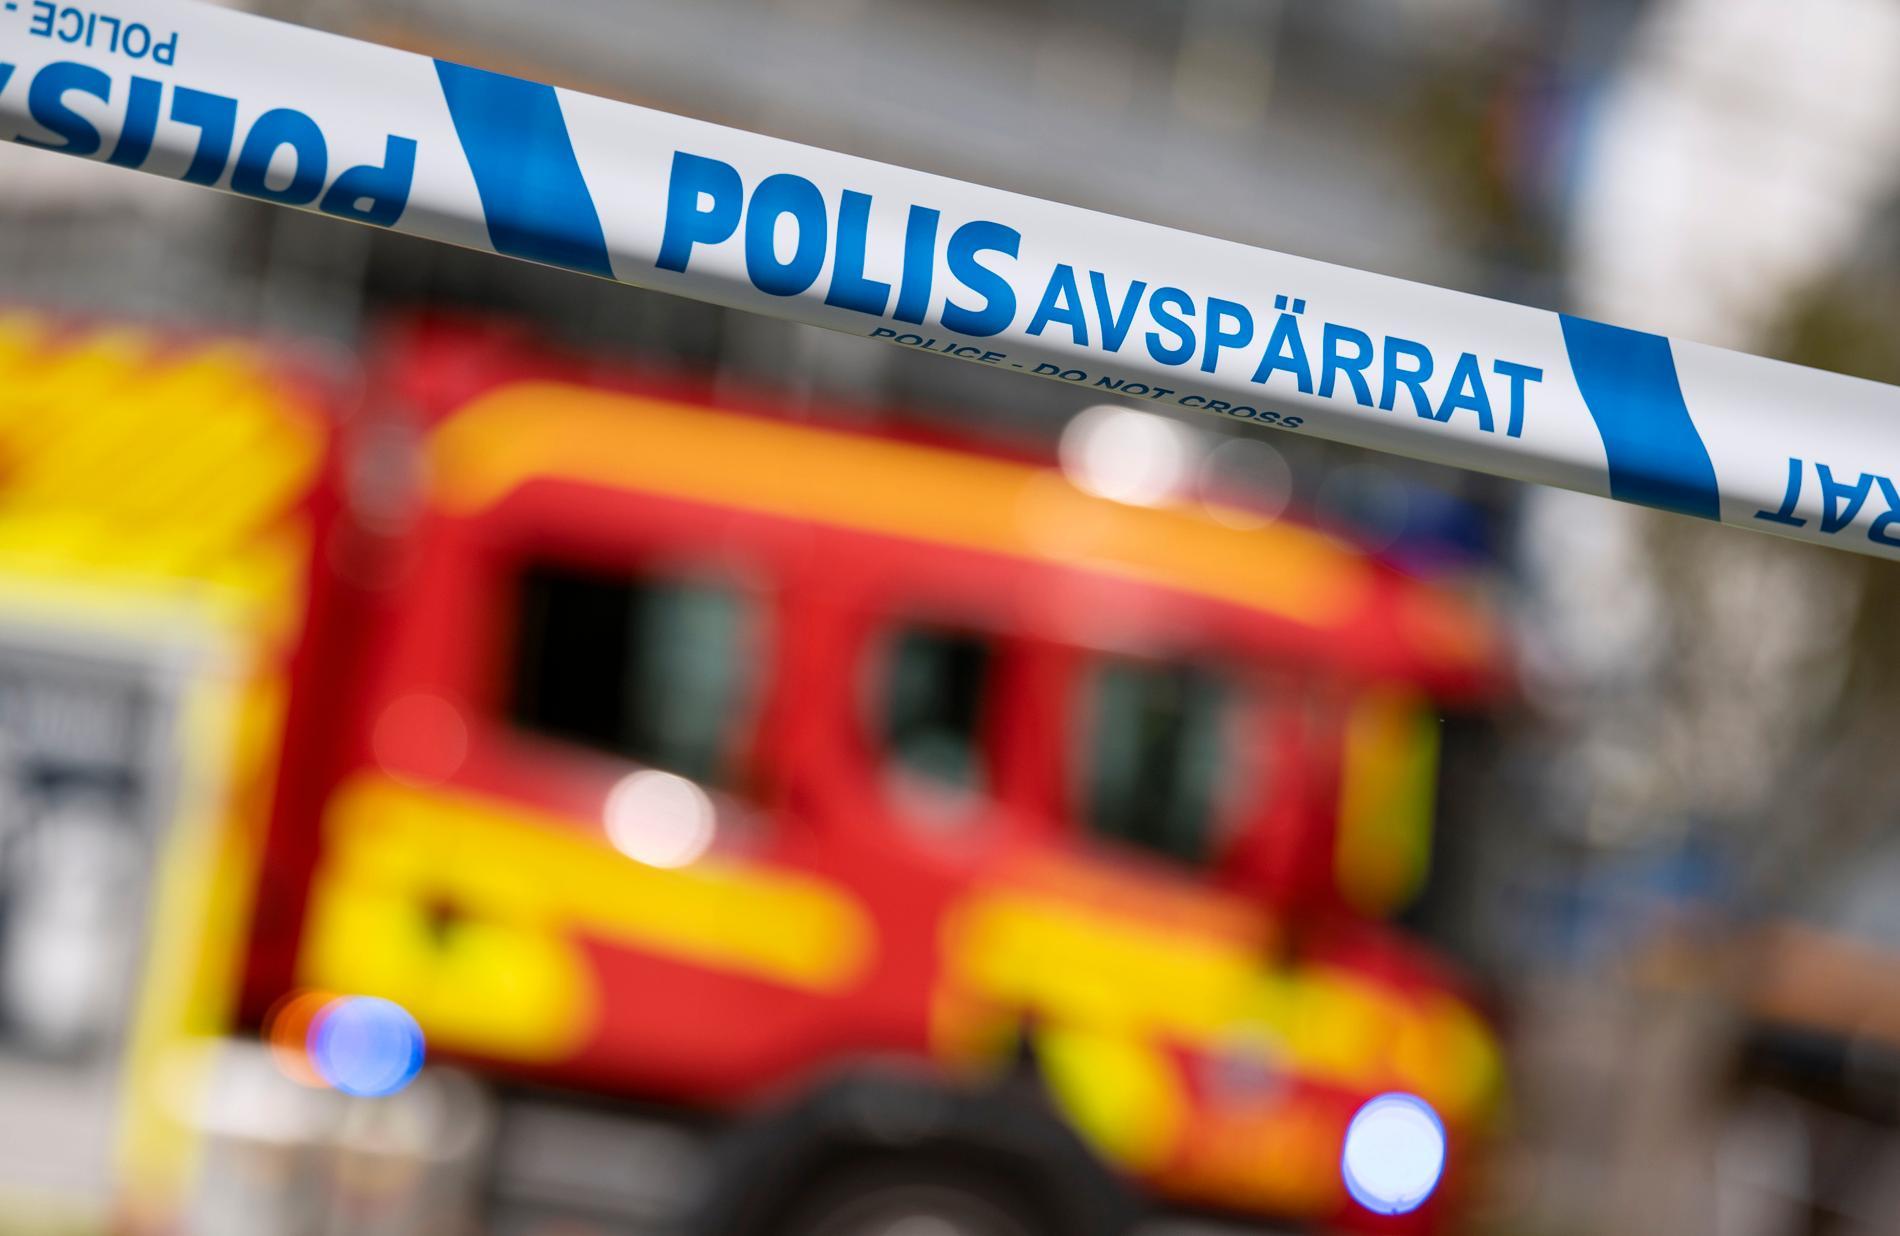 En man har förts till sjukhus med livshotande skador efter en brand i ett flerfamiljshus på Hisingen i Göteborg på onsdagsmorgonen. Arkivbild.